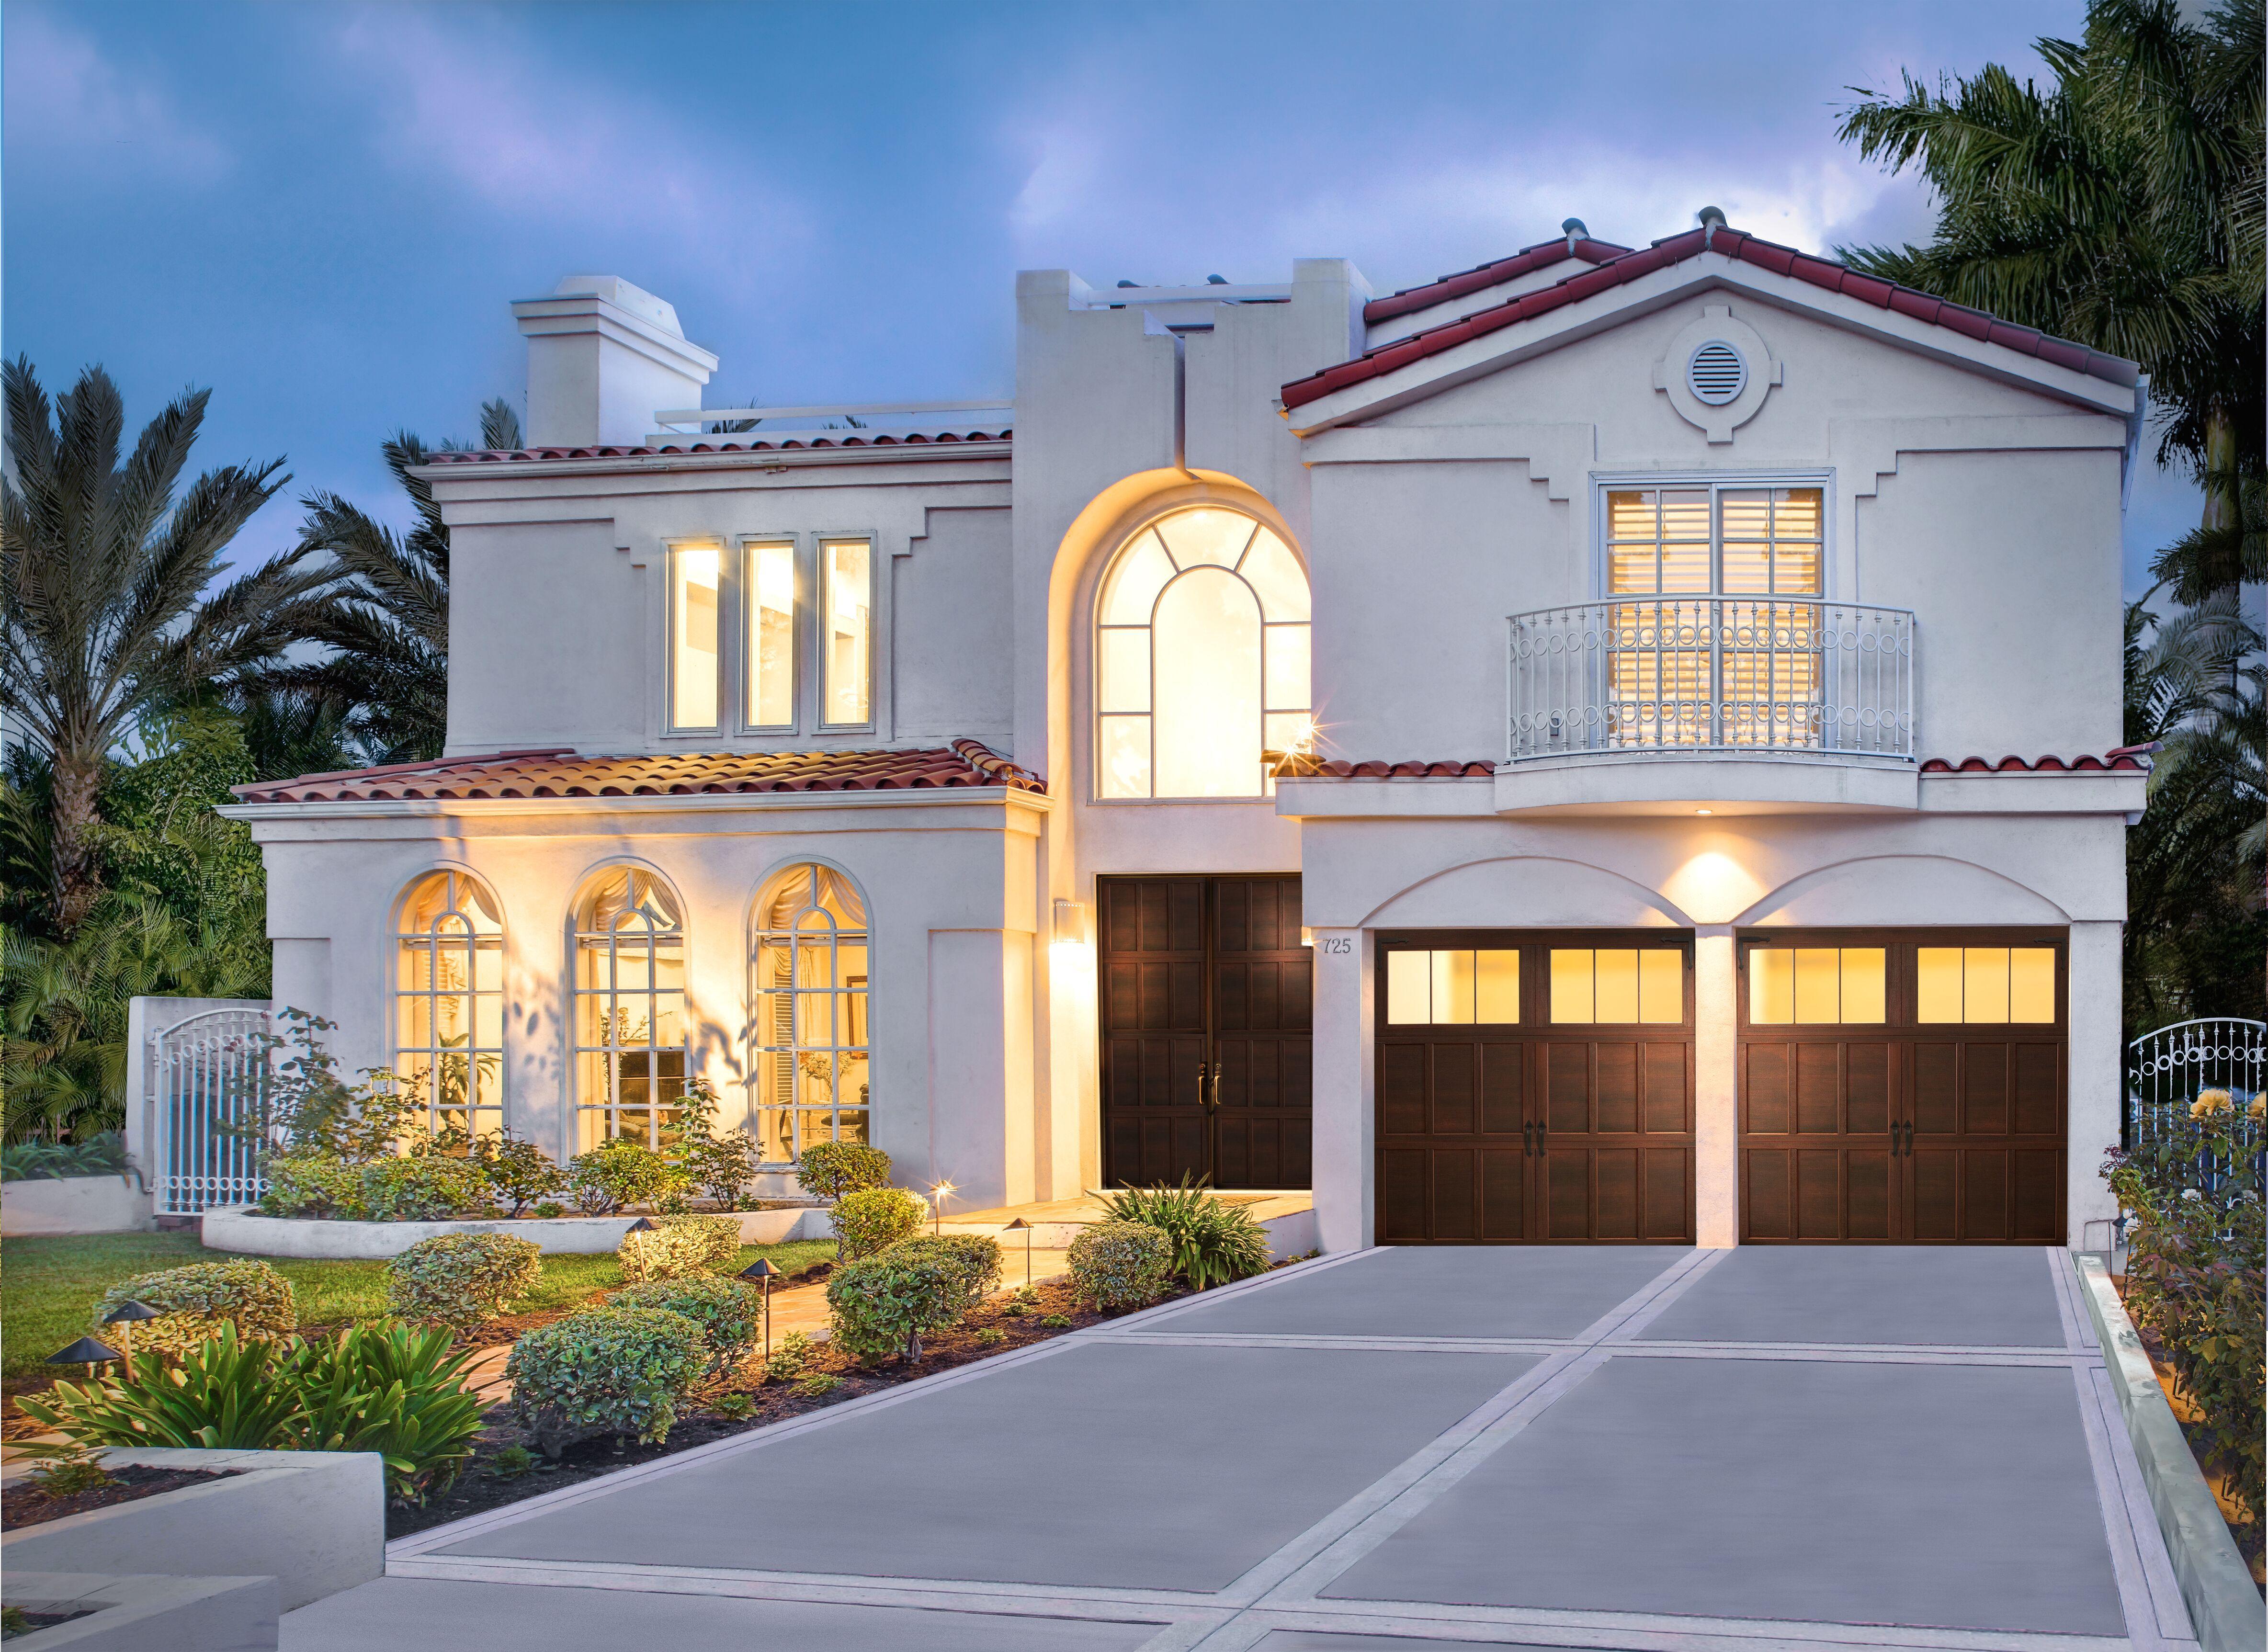 wayne-dalton-garage-doors.jpeg?mtime=20200127081338#asset:16137